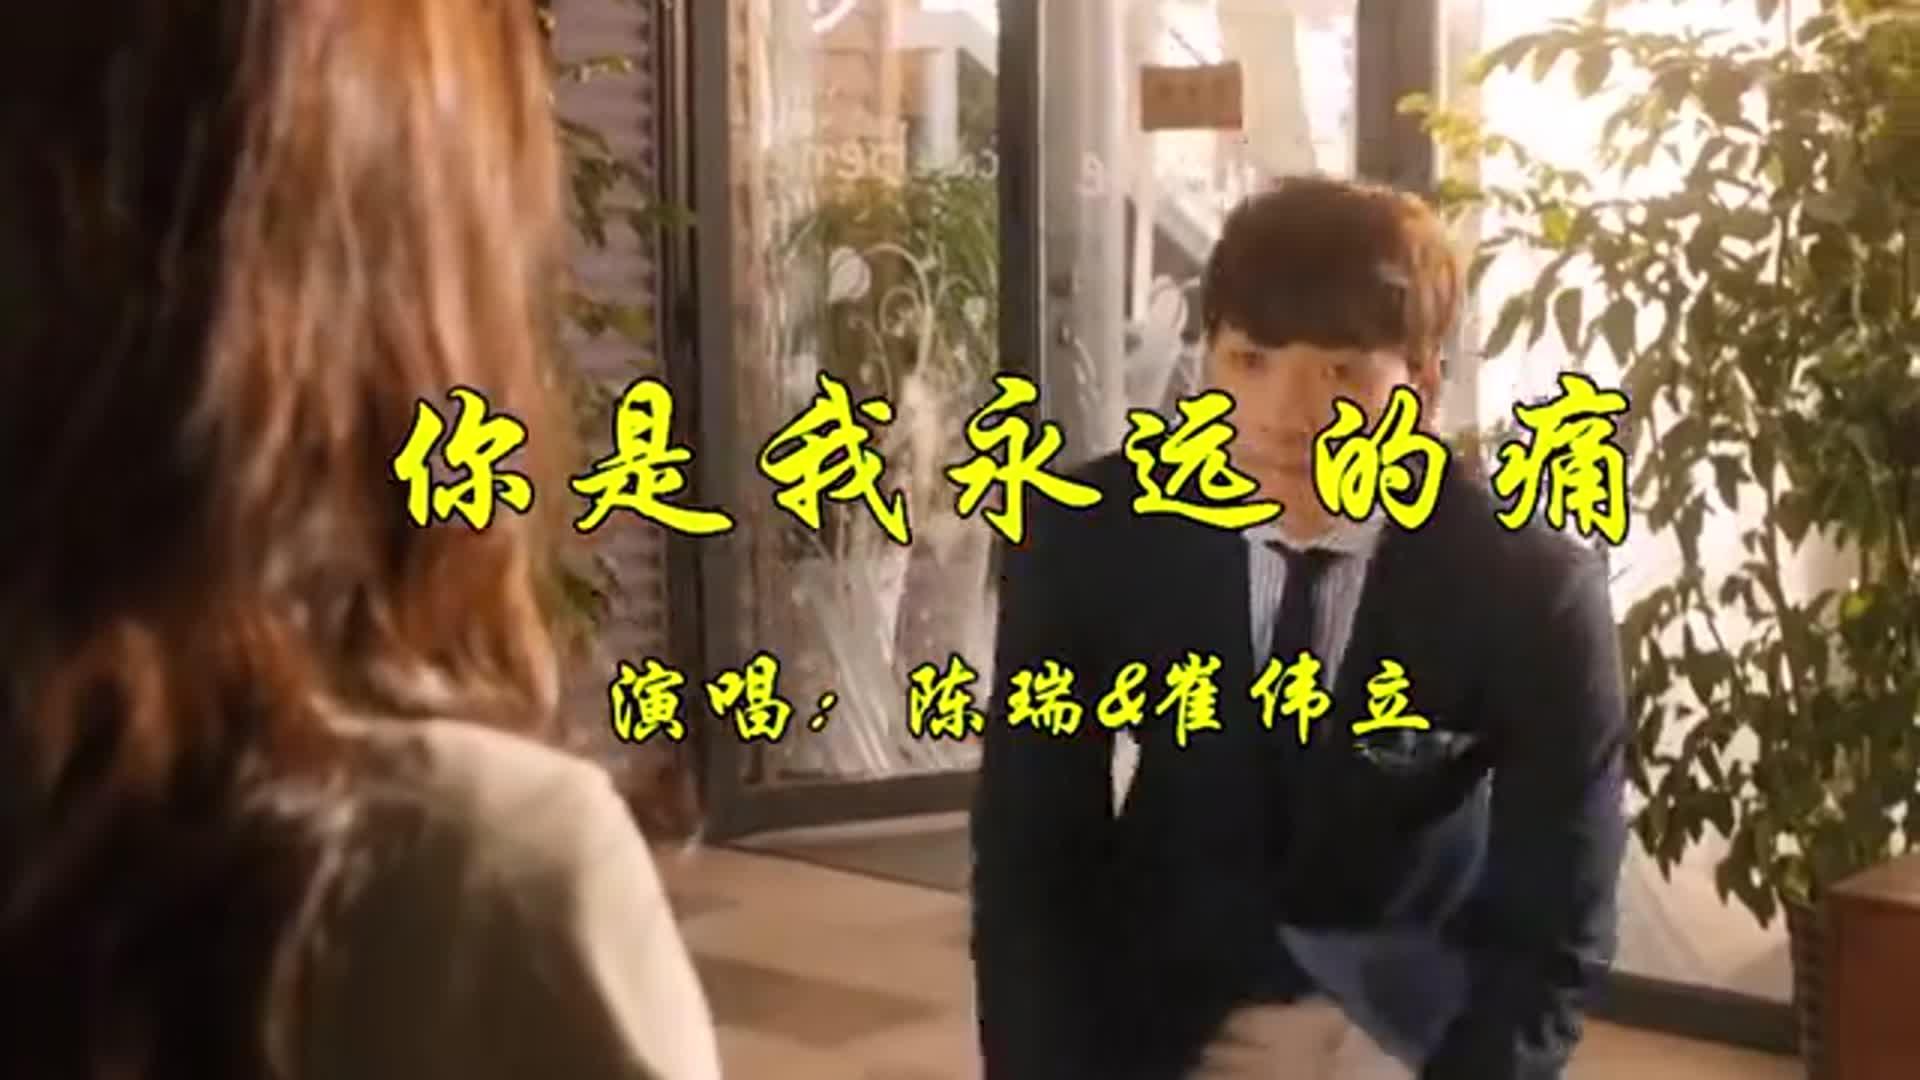 陈瑞崔伟立经典老歌《你是我永远的痛》,伤感的旋律声声